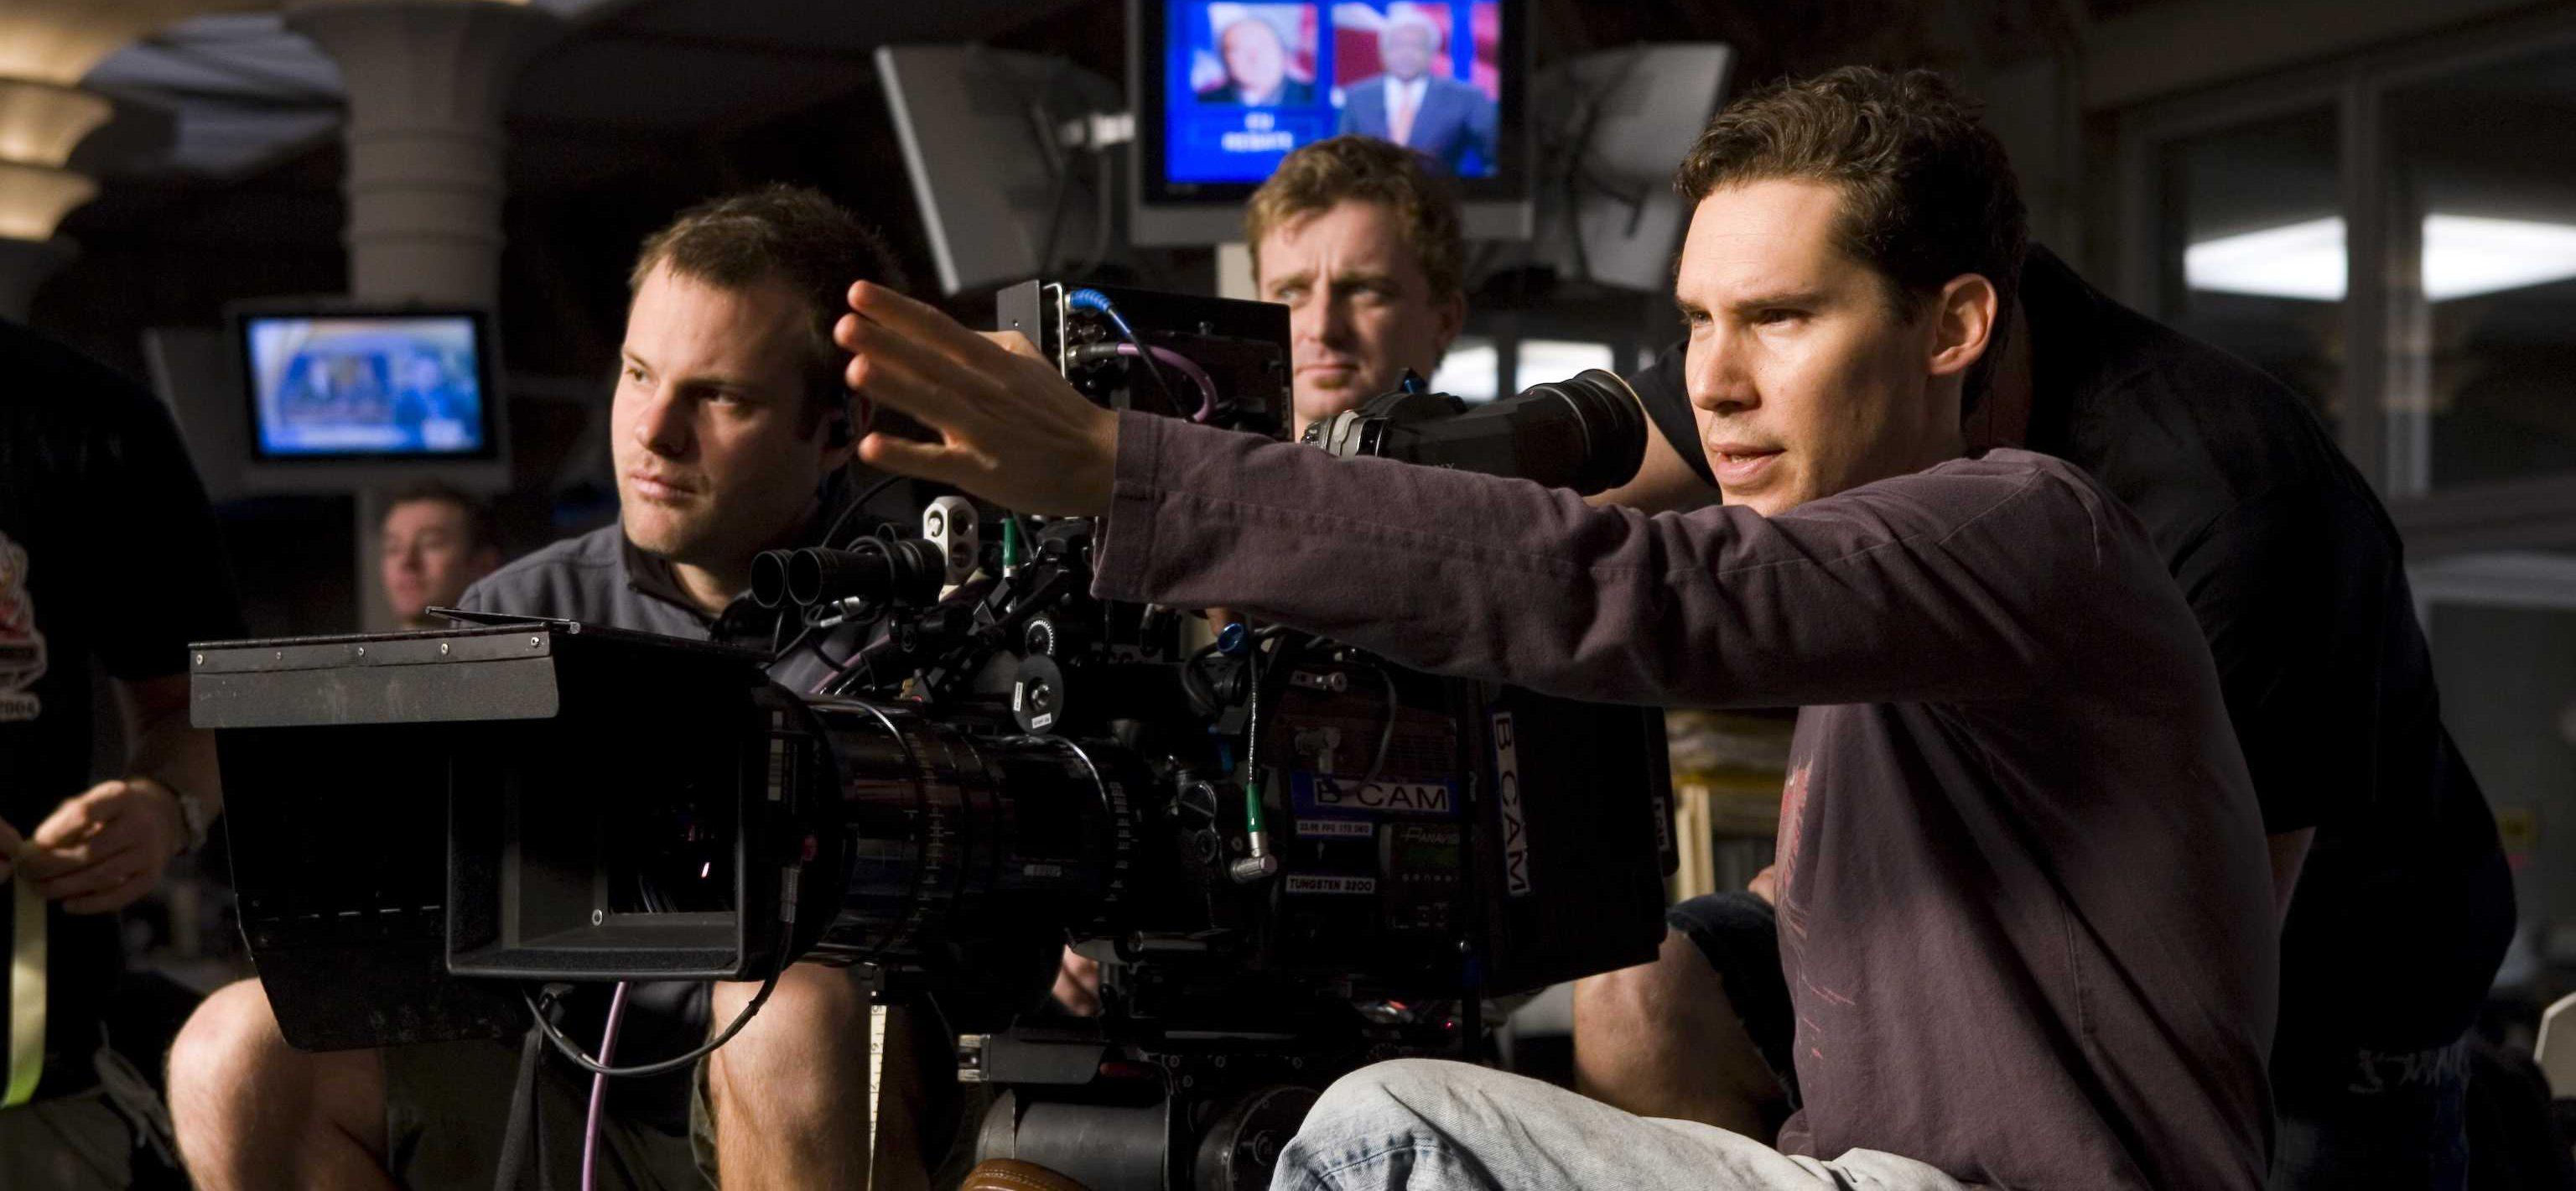 El cine y la tecnología, una relación duradera